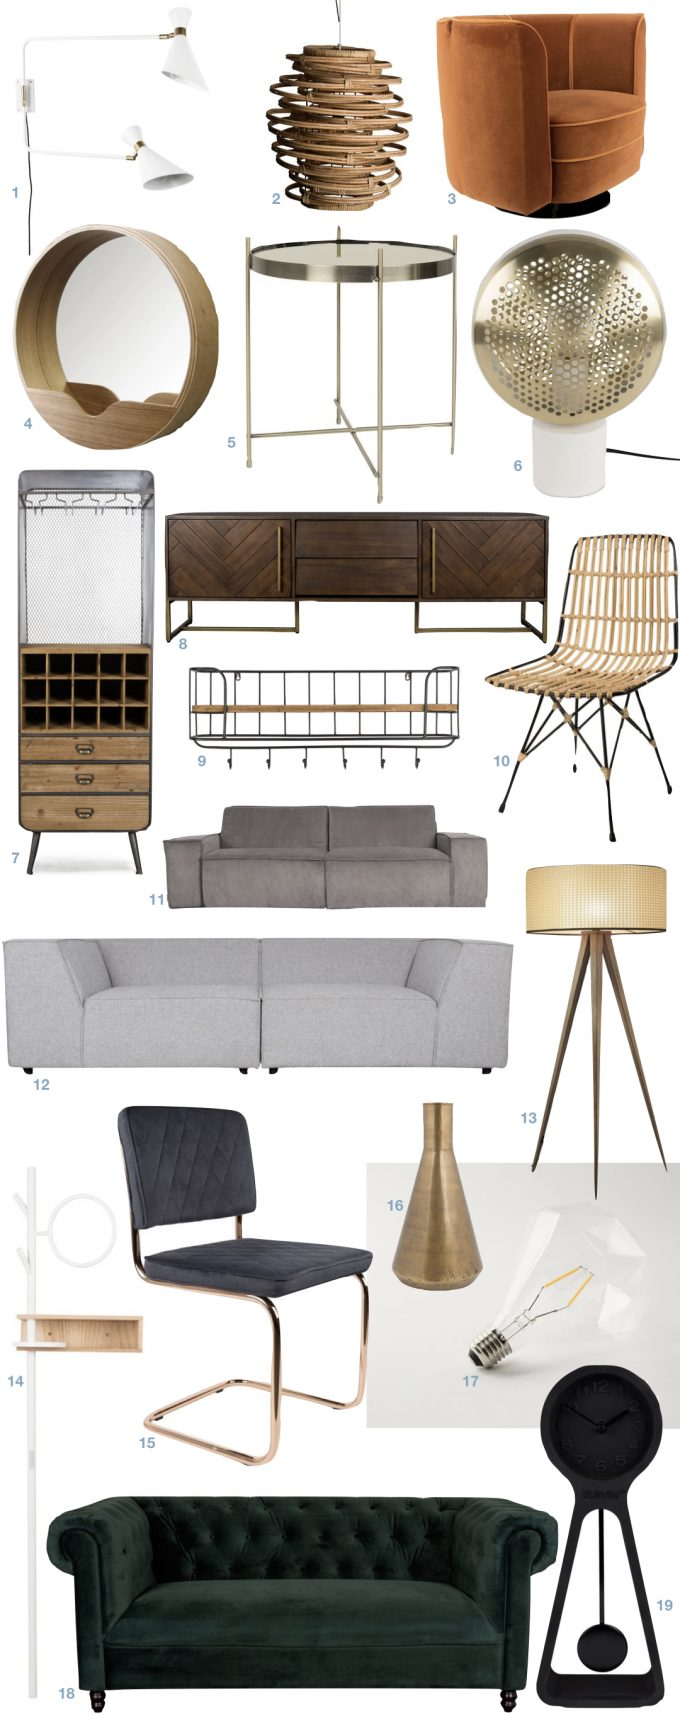 meuble hollandais design pas cher bon rapport qualité prix salon stylé